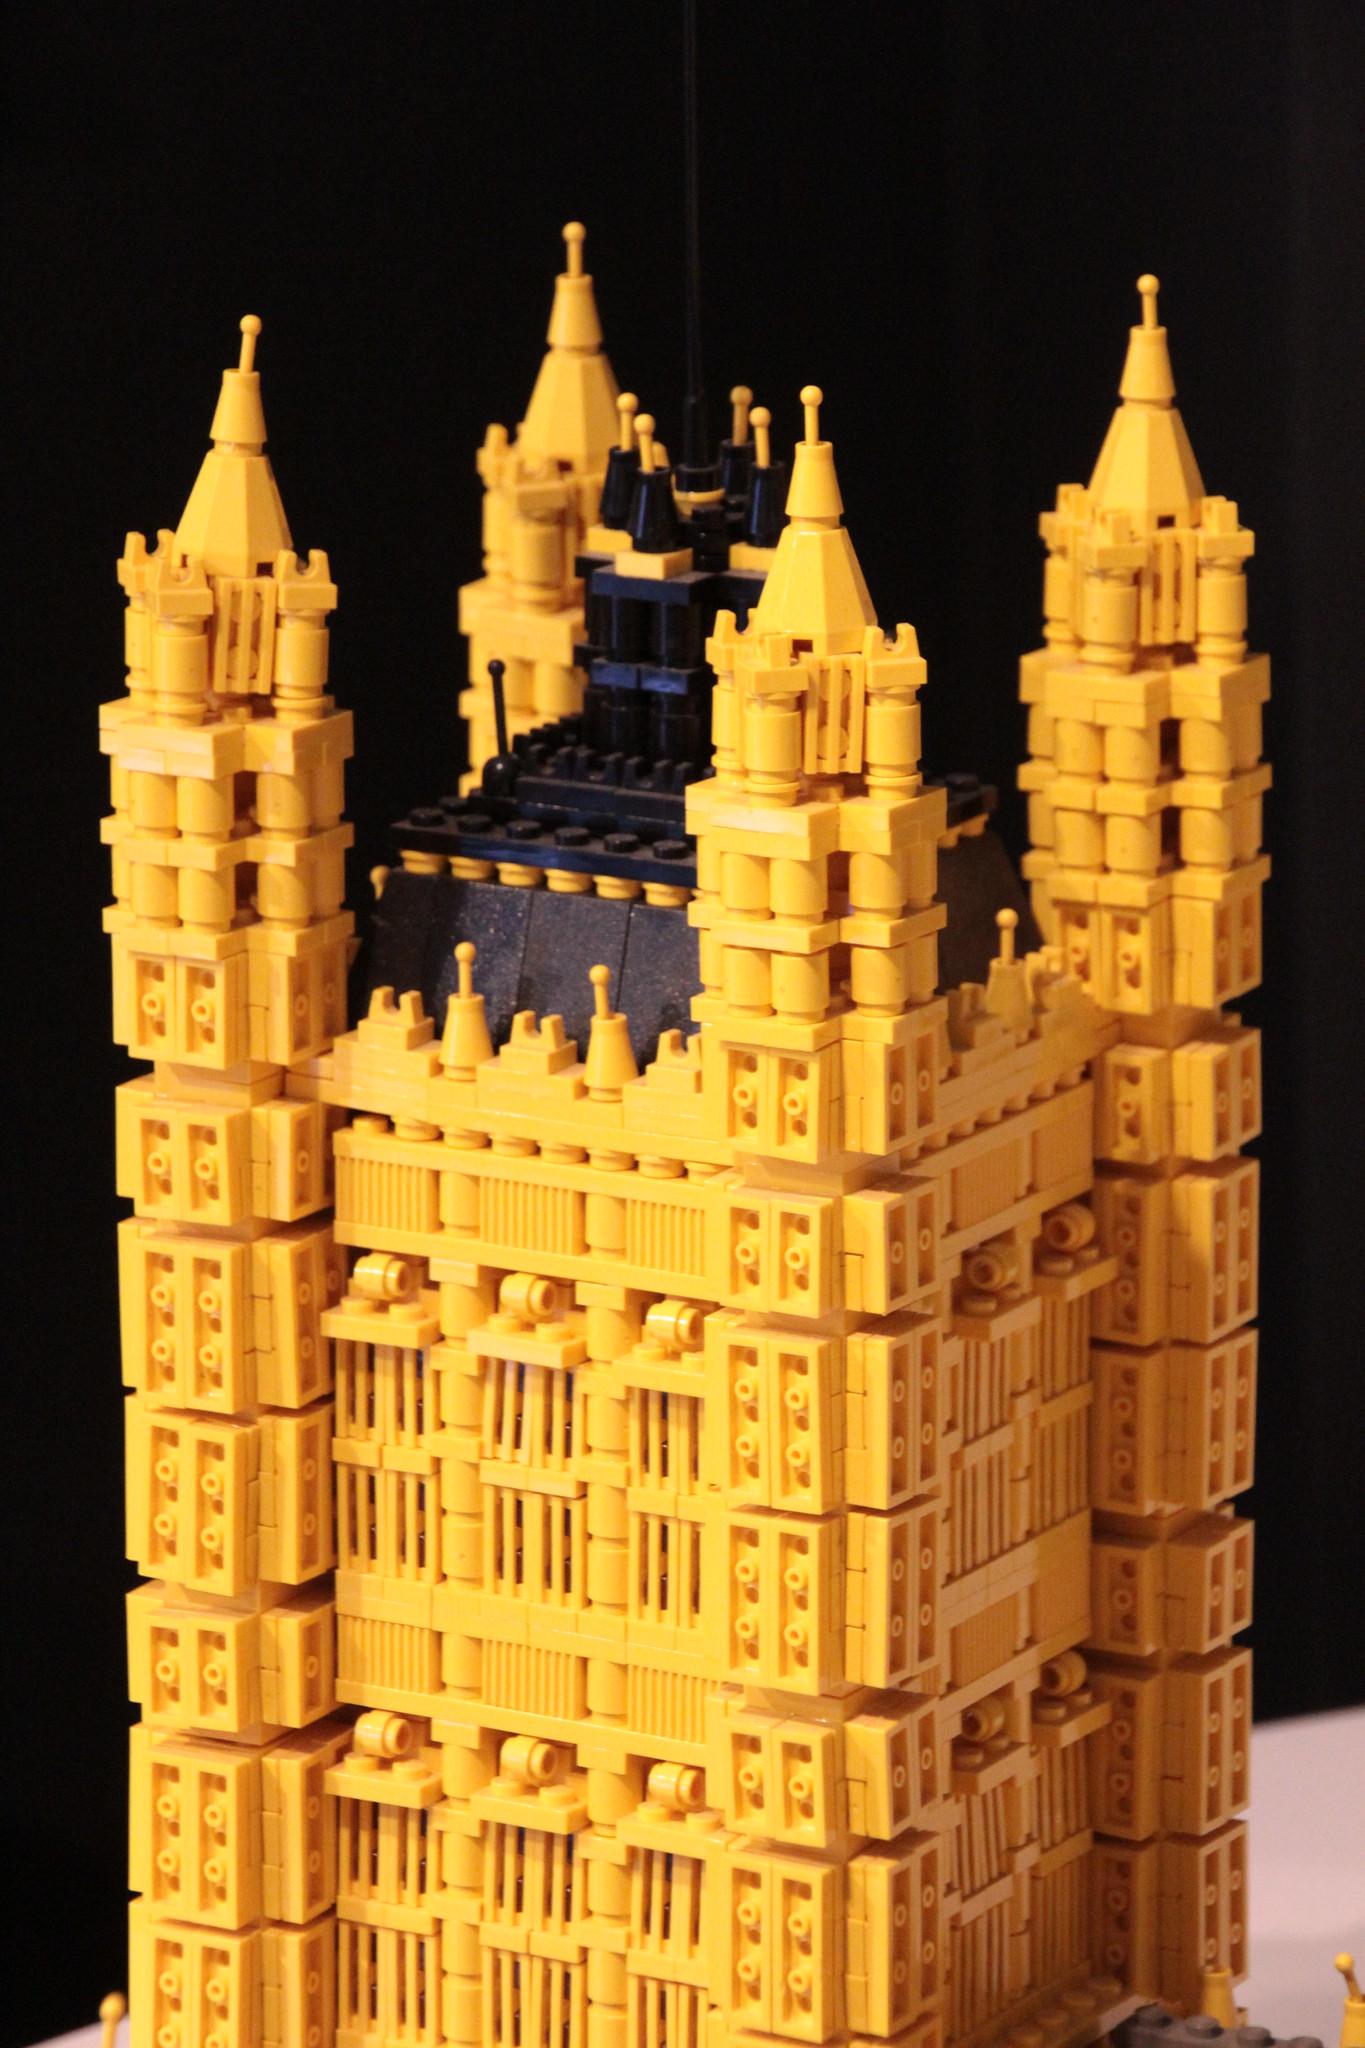 ウェストミンスター宮殿の画像 p1_34